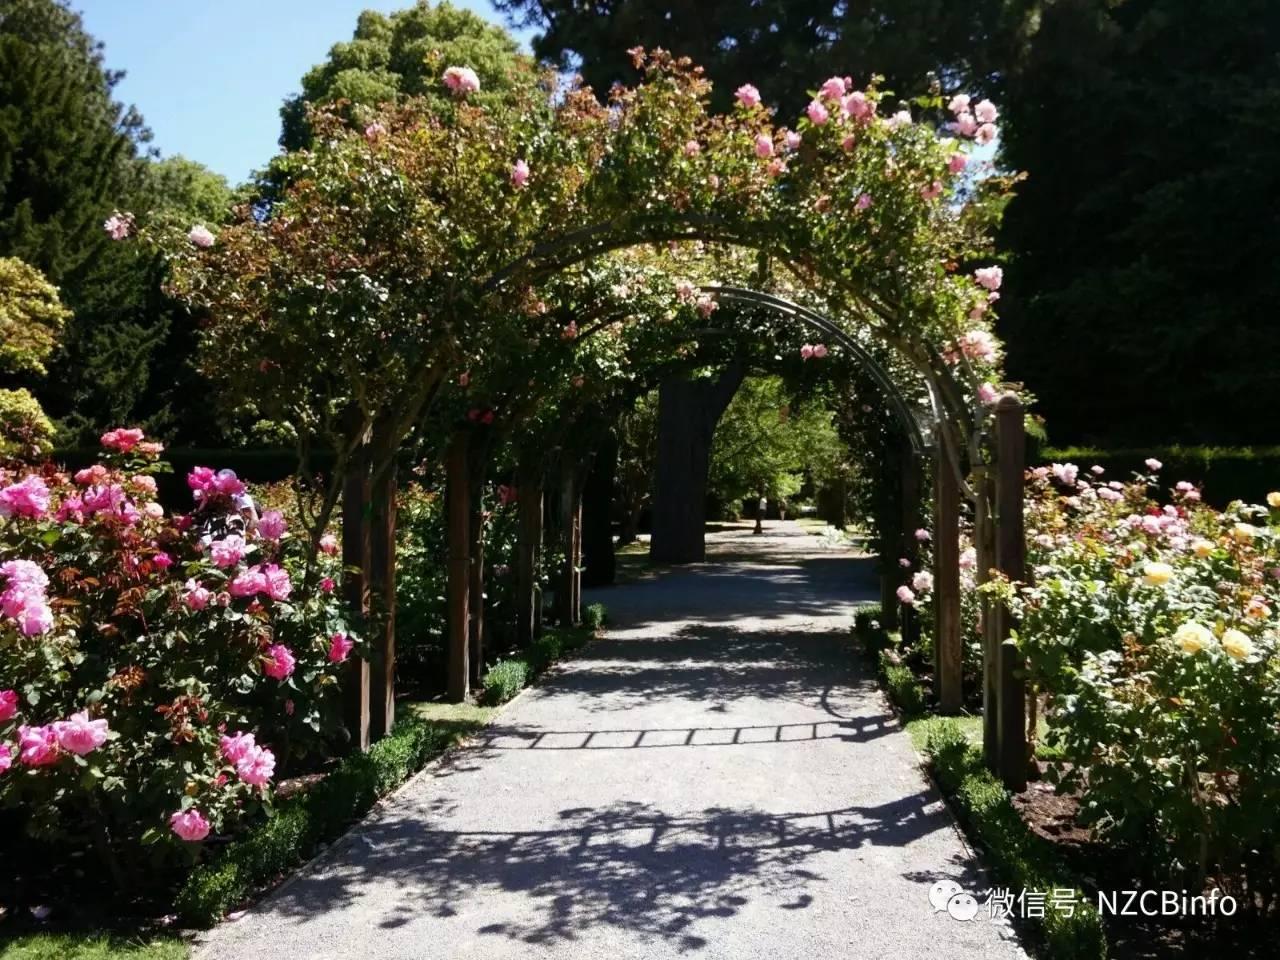 新西兰百科   基督城植物园christchurch botanic